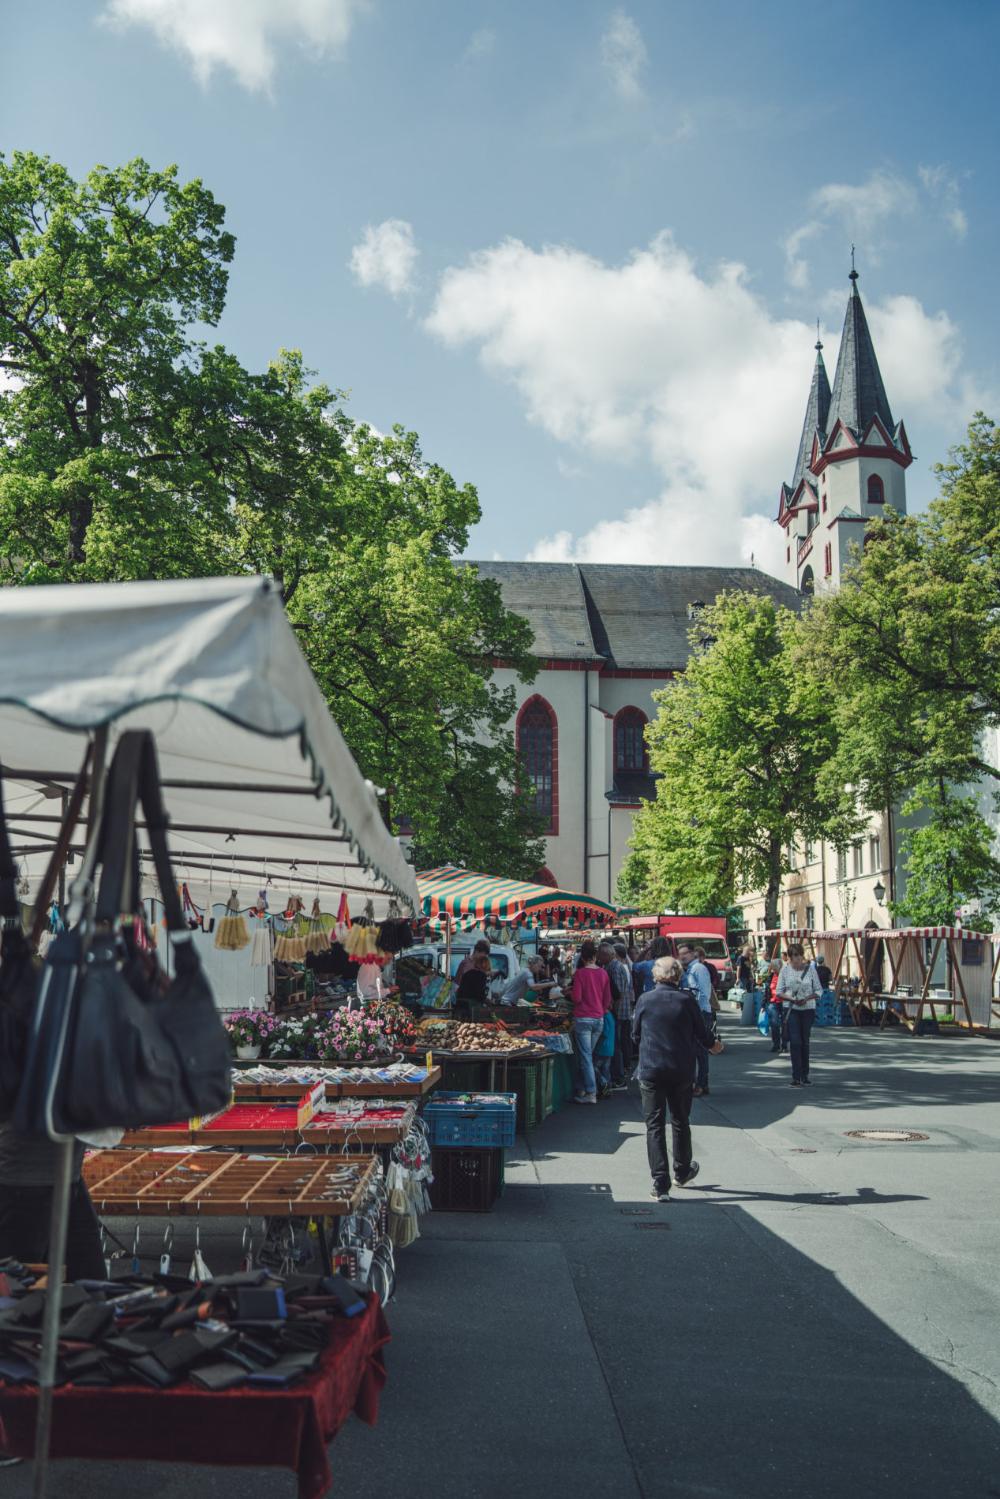 Frisches Vom Wochenmarkt 2019 Einkaufen In Hof Wochenmarkt Stadt Hof Hof